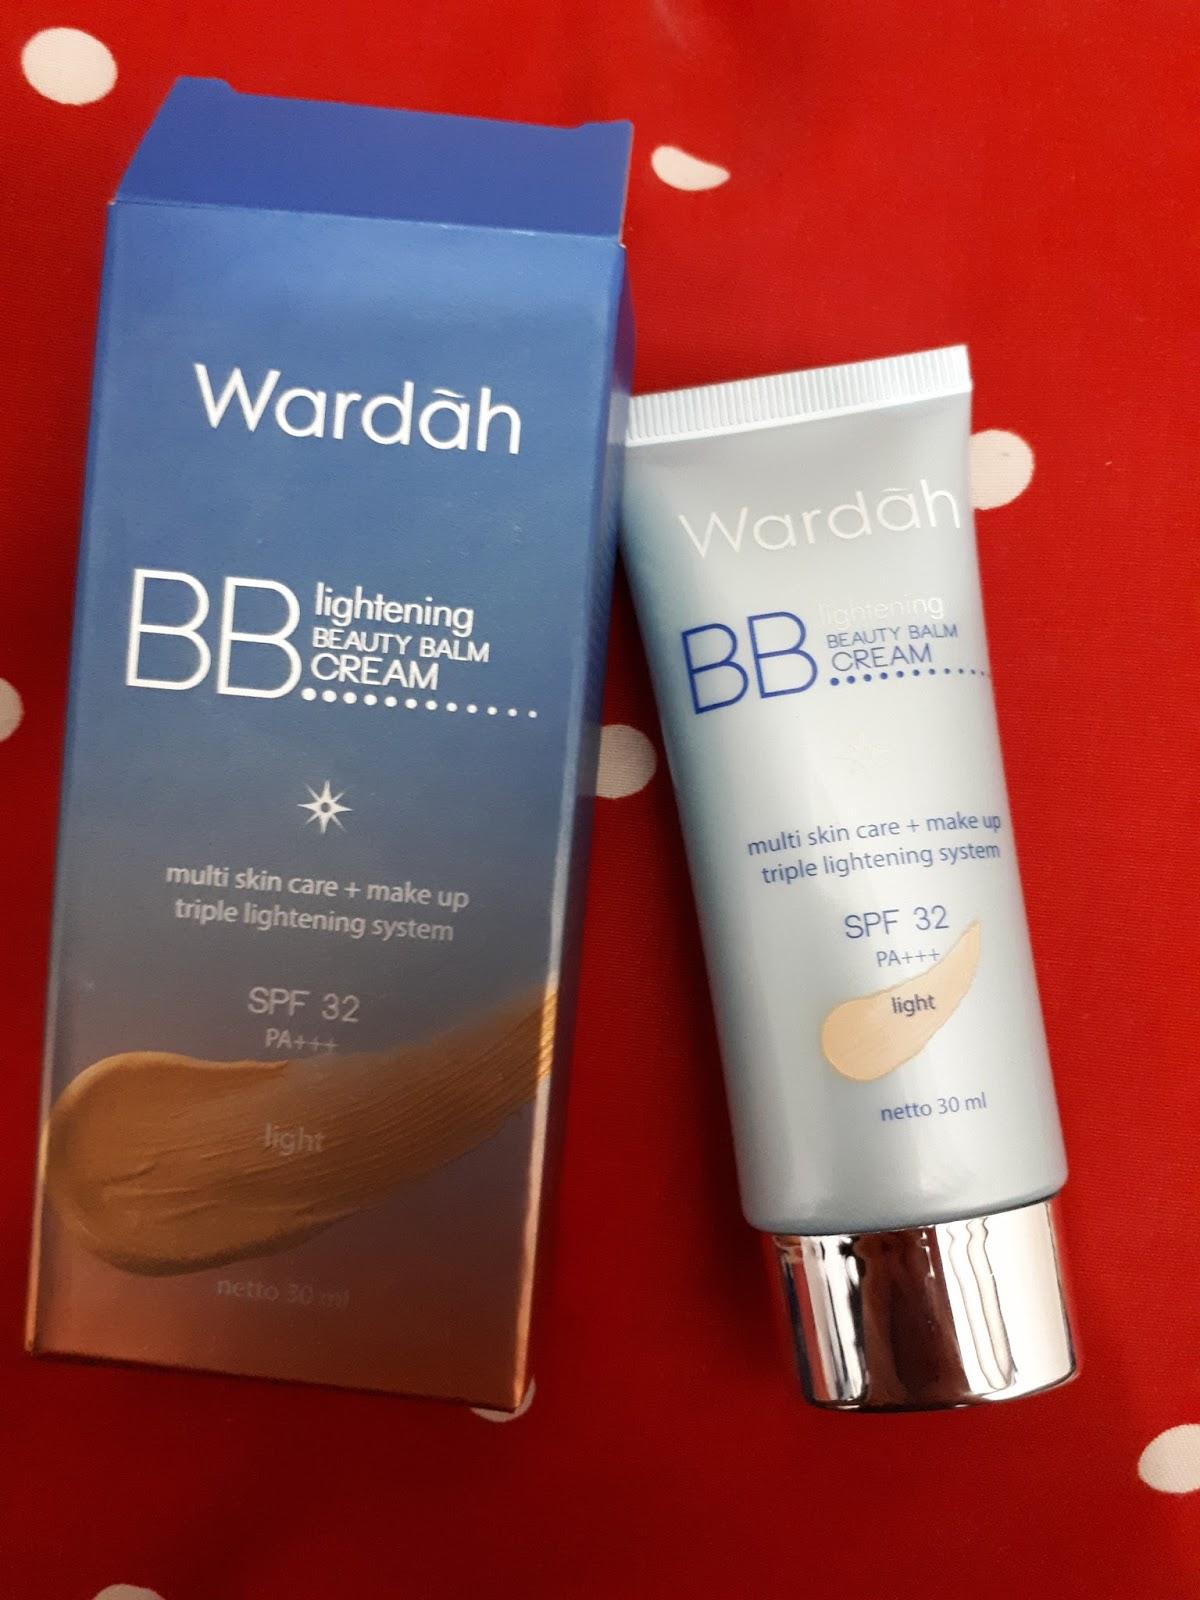 My Journey Review Wardah Bb Cream Jadi Untuk Ini Ada Dua Warna Yaitu Natural Dan Light Aku Kali Beli Yg Nya